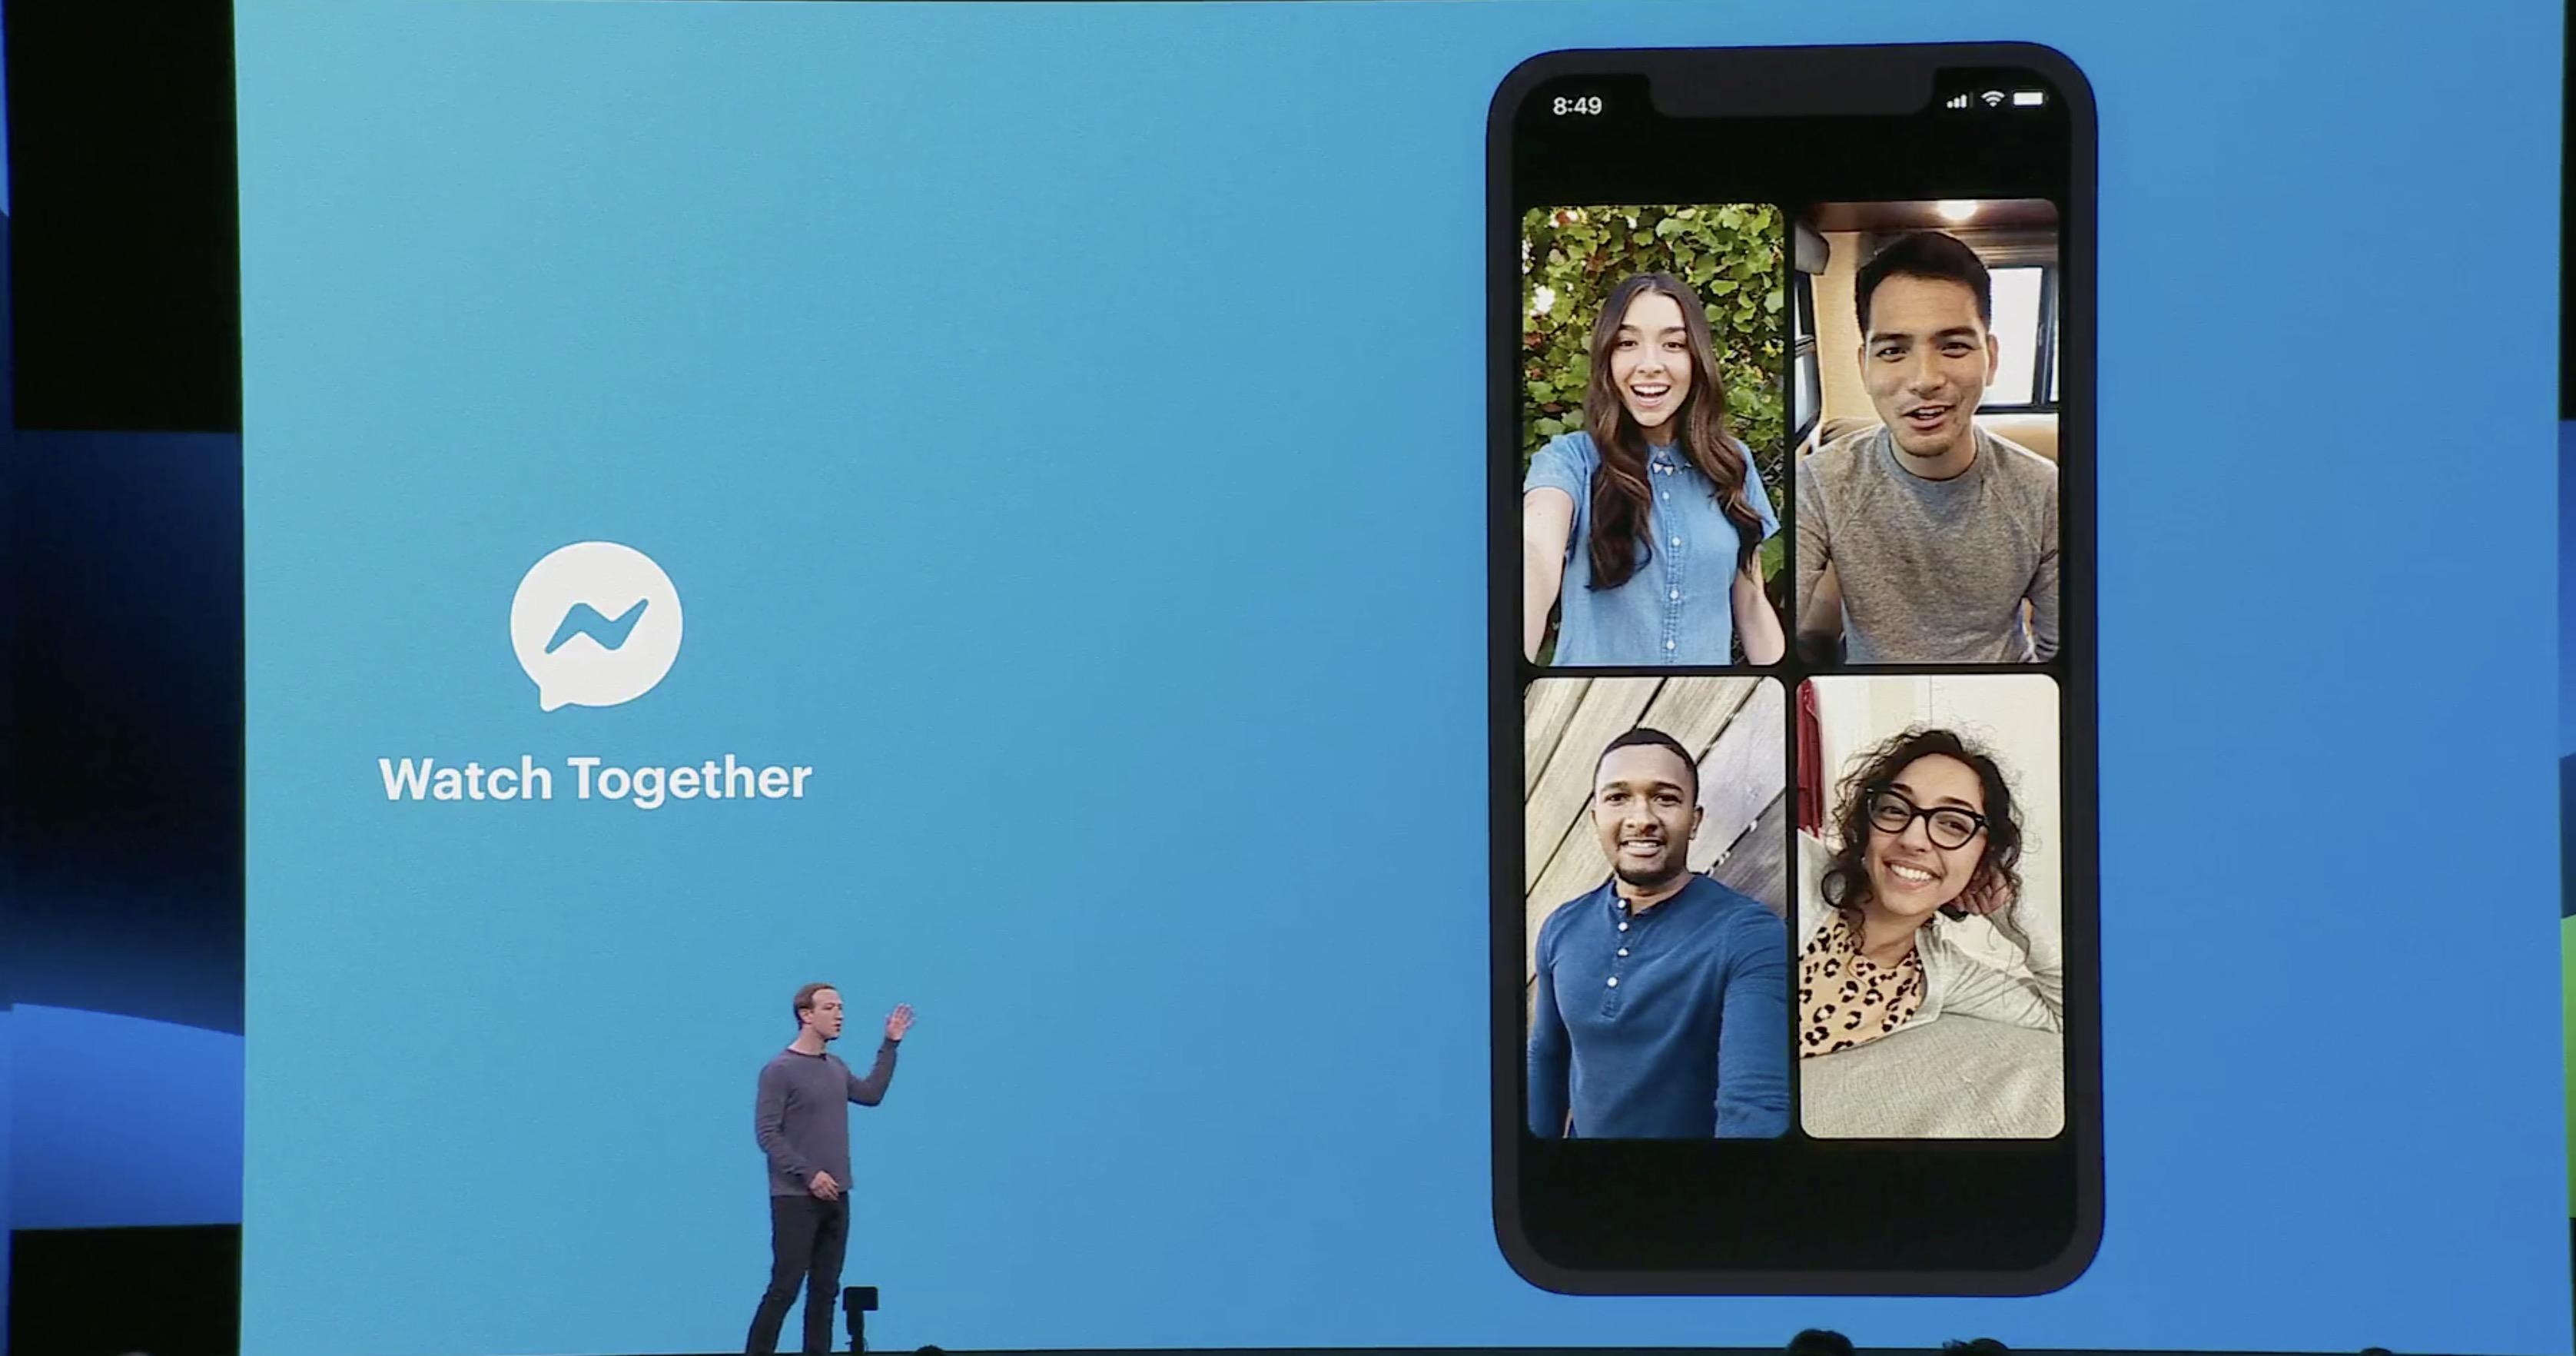 Facebook F8 Messenger Watch Together